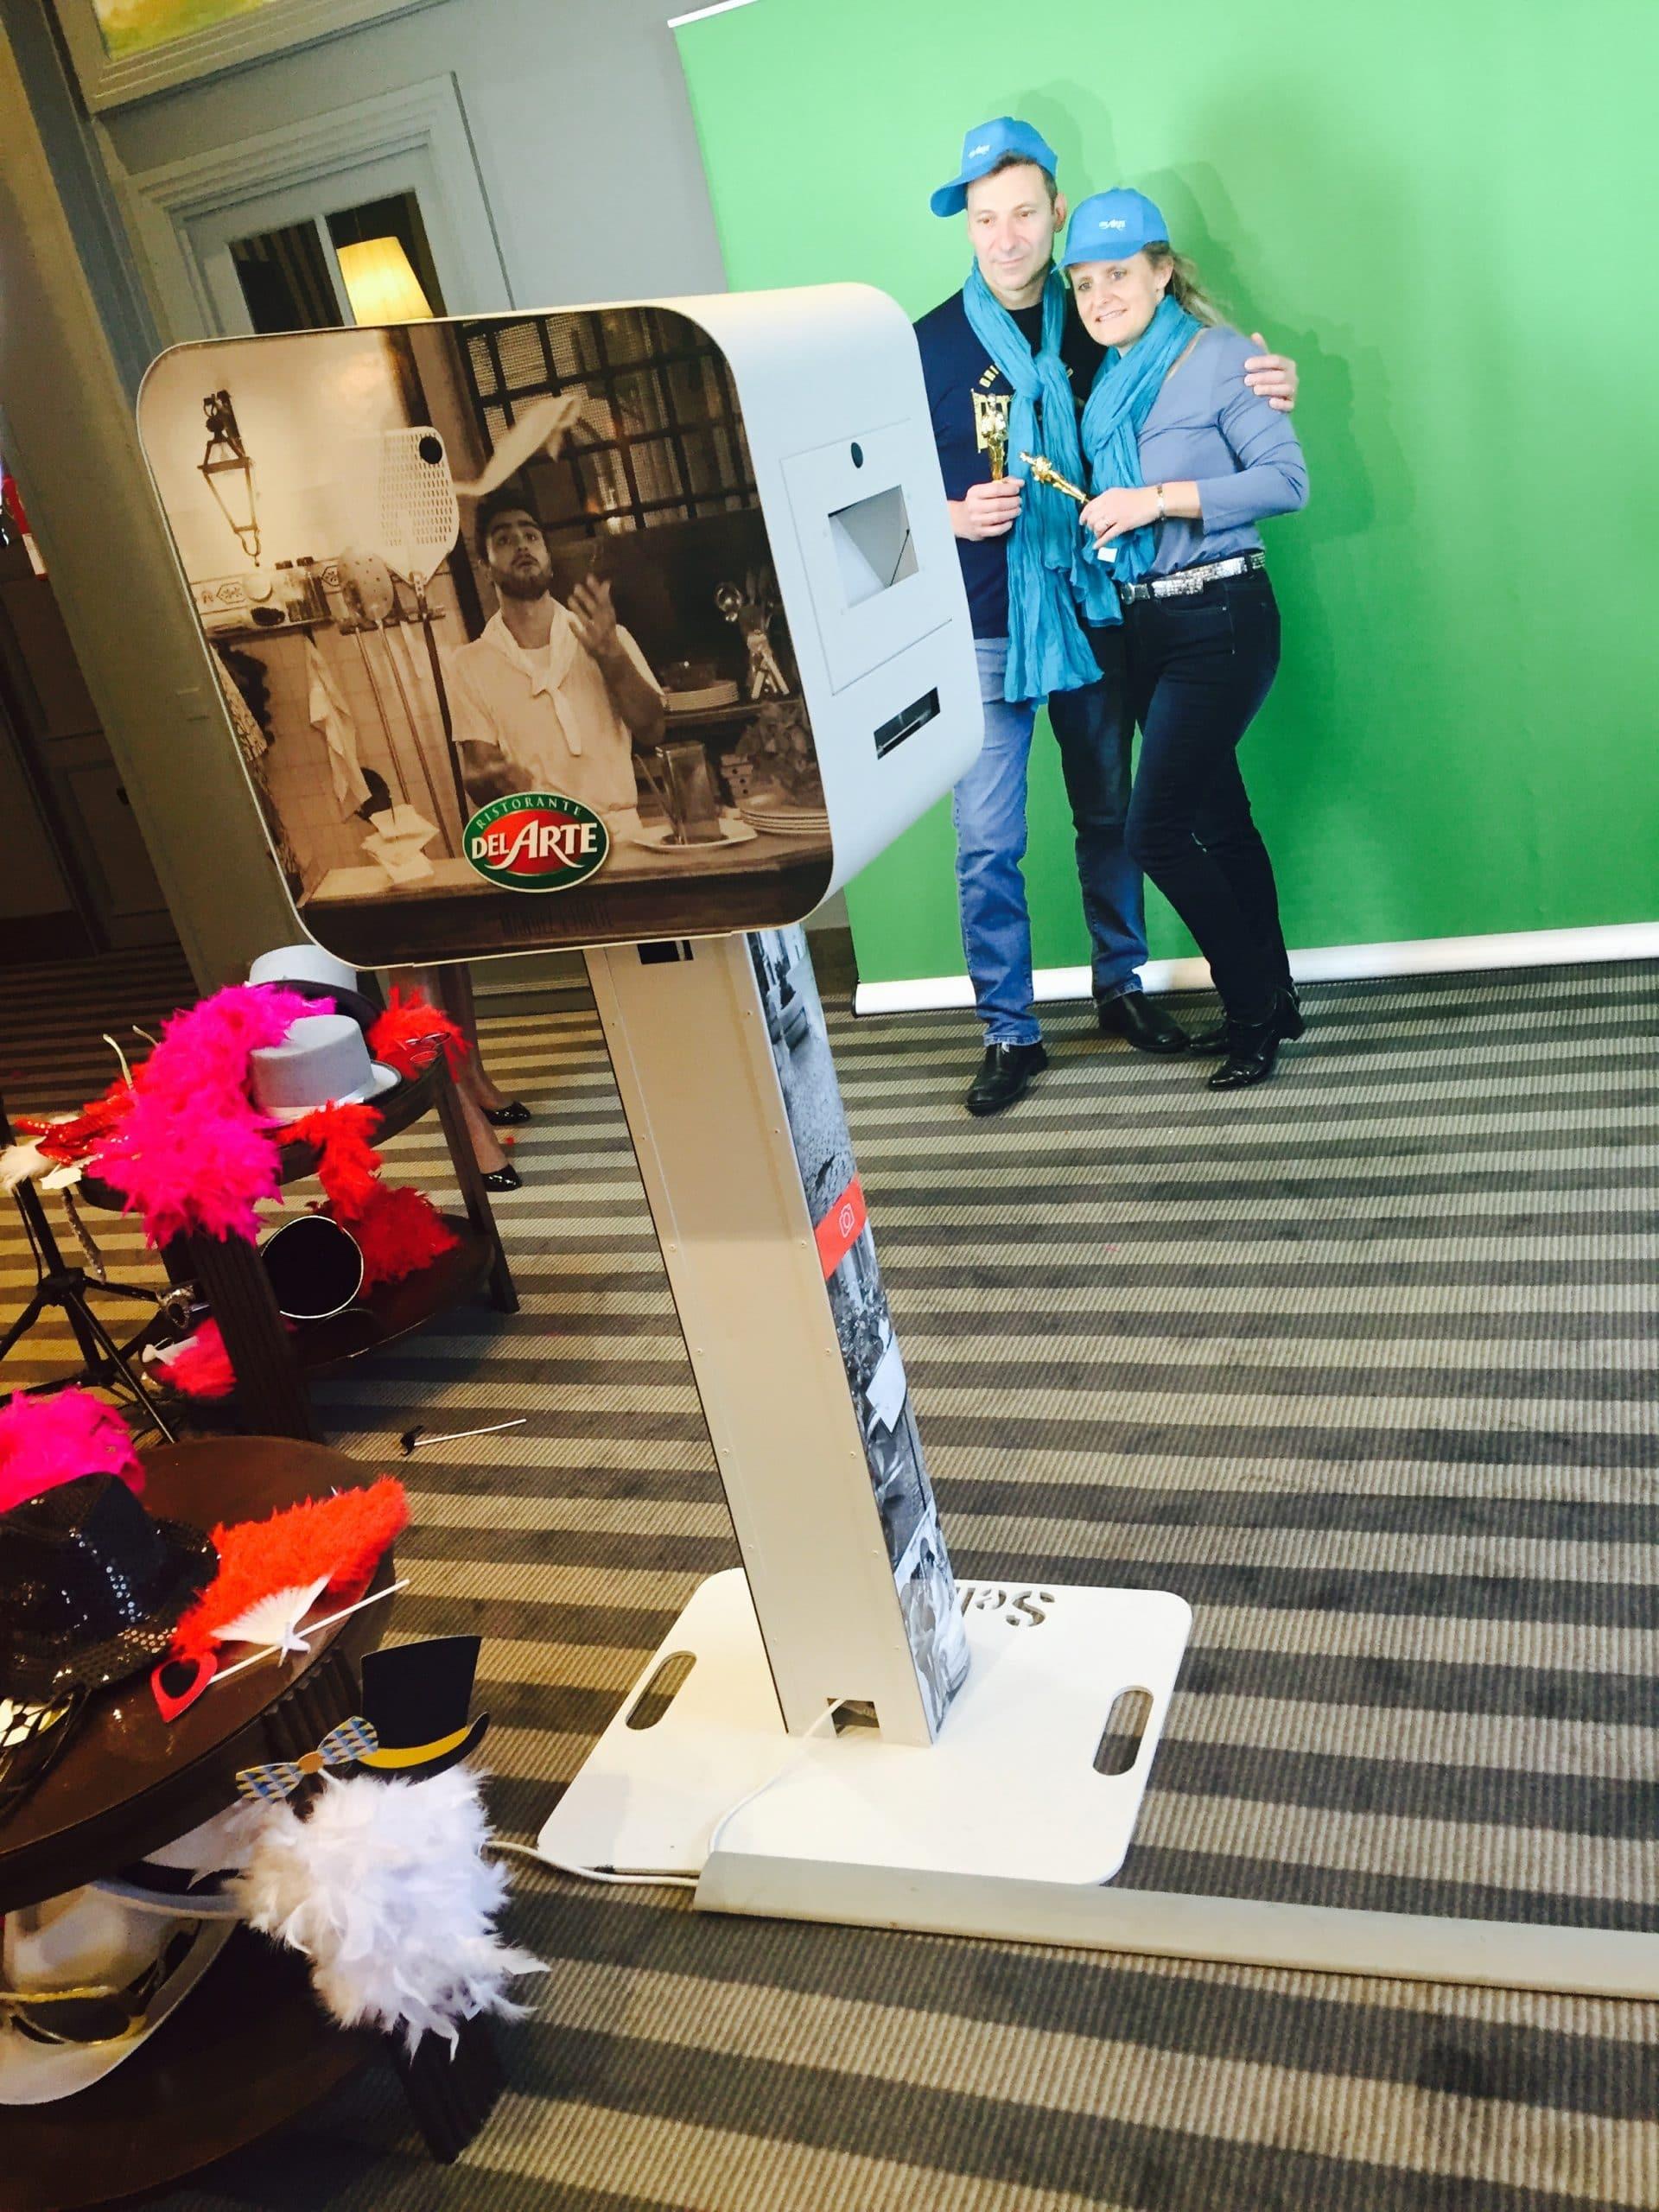 Borne photo et animation fond vert pour selfies anniversaire 40 ans Groupe Le Duff à Deauville